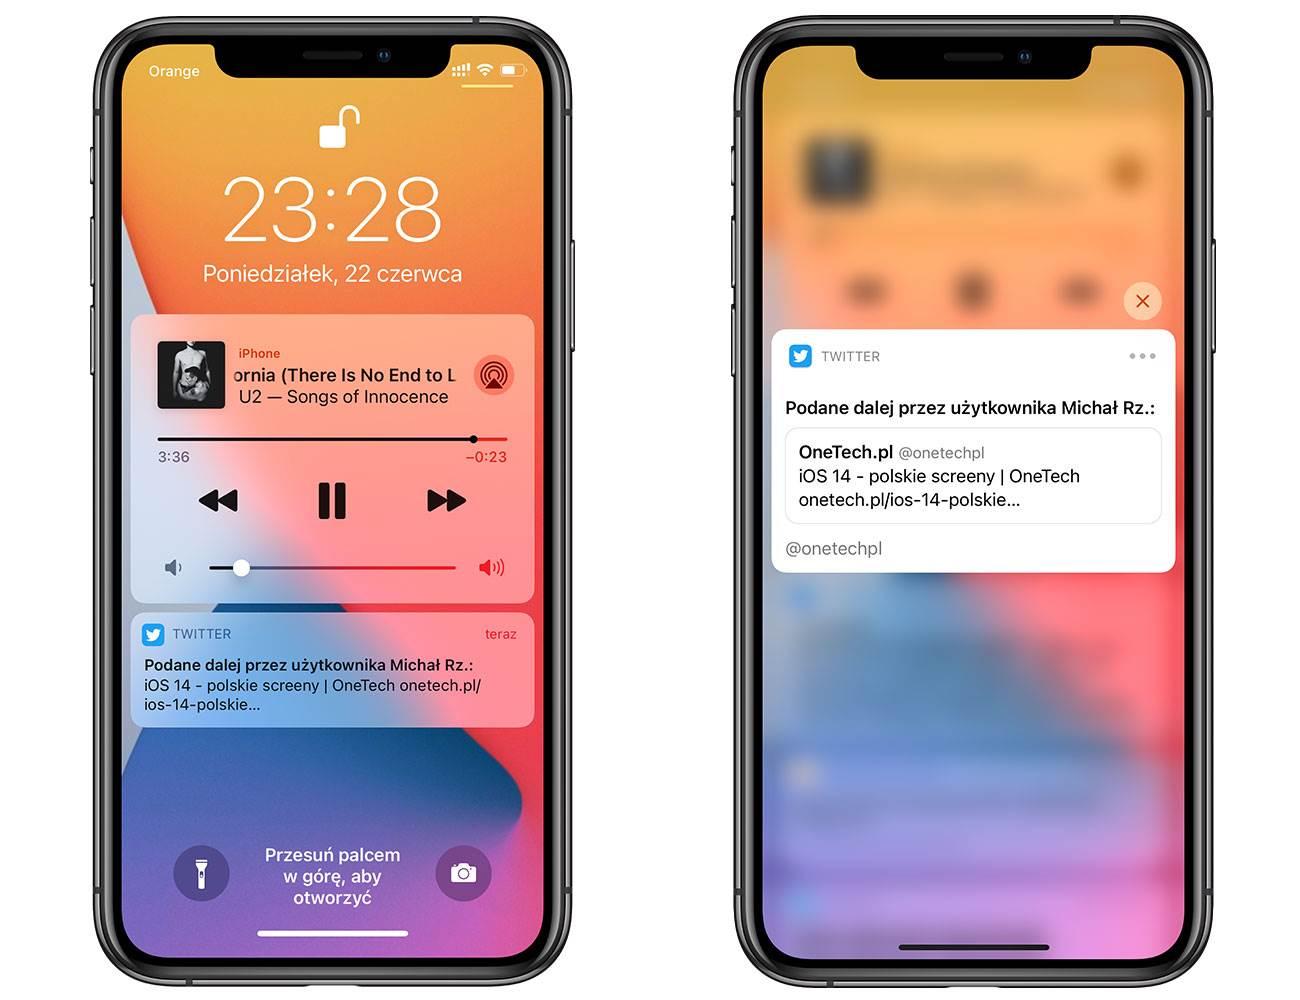 iOS 14 - polskie screeny polecane, ciekawostki zrzuty ekranu, screeny, polskie screeny z iOS 14 beta 1, polskie screeny z iOS 14, jak wygląda iOS 14 beta, jak wyglada iOS 14, iOS 14 z bliska, iOS 14 screeny, iOS 14 beta screeny, iOS, Apple  Pierwsza beta iOS 14 jest już w naszych rękach, więc przygotowaliśmy dla Was polskie screeny z najnowszej wersji iOS. iOS14beta1 14